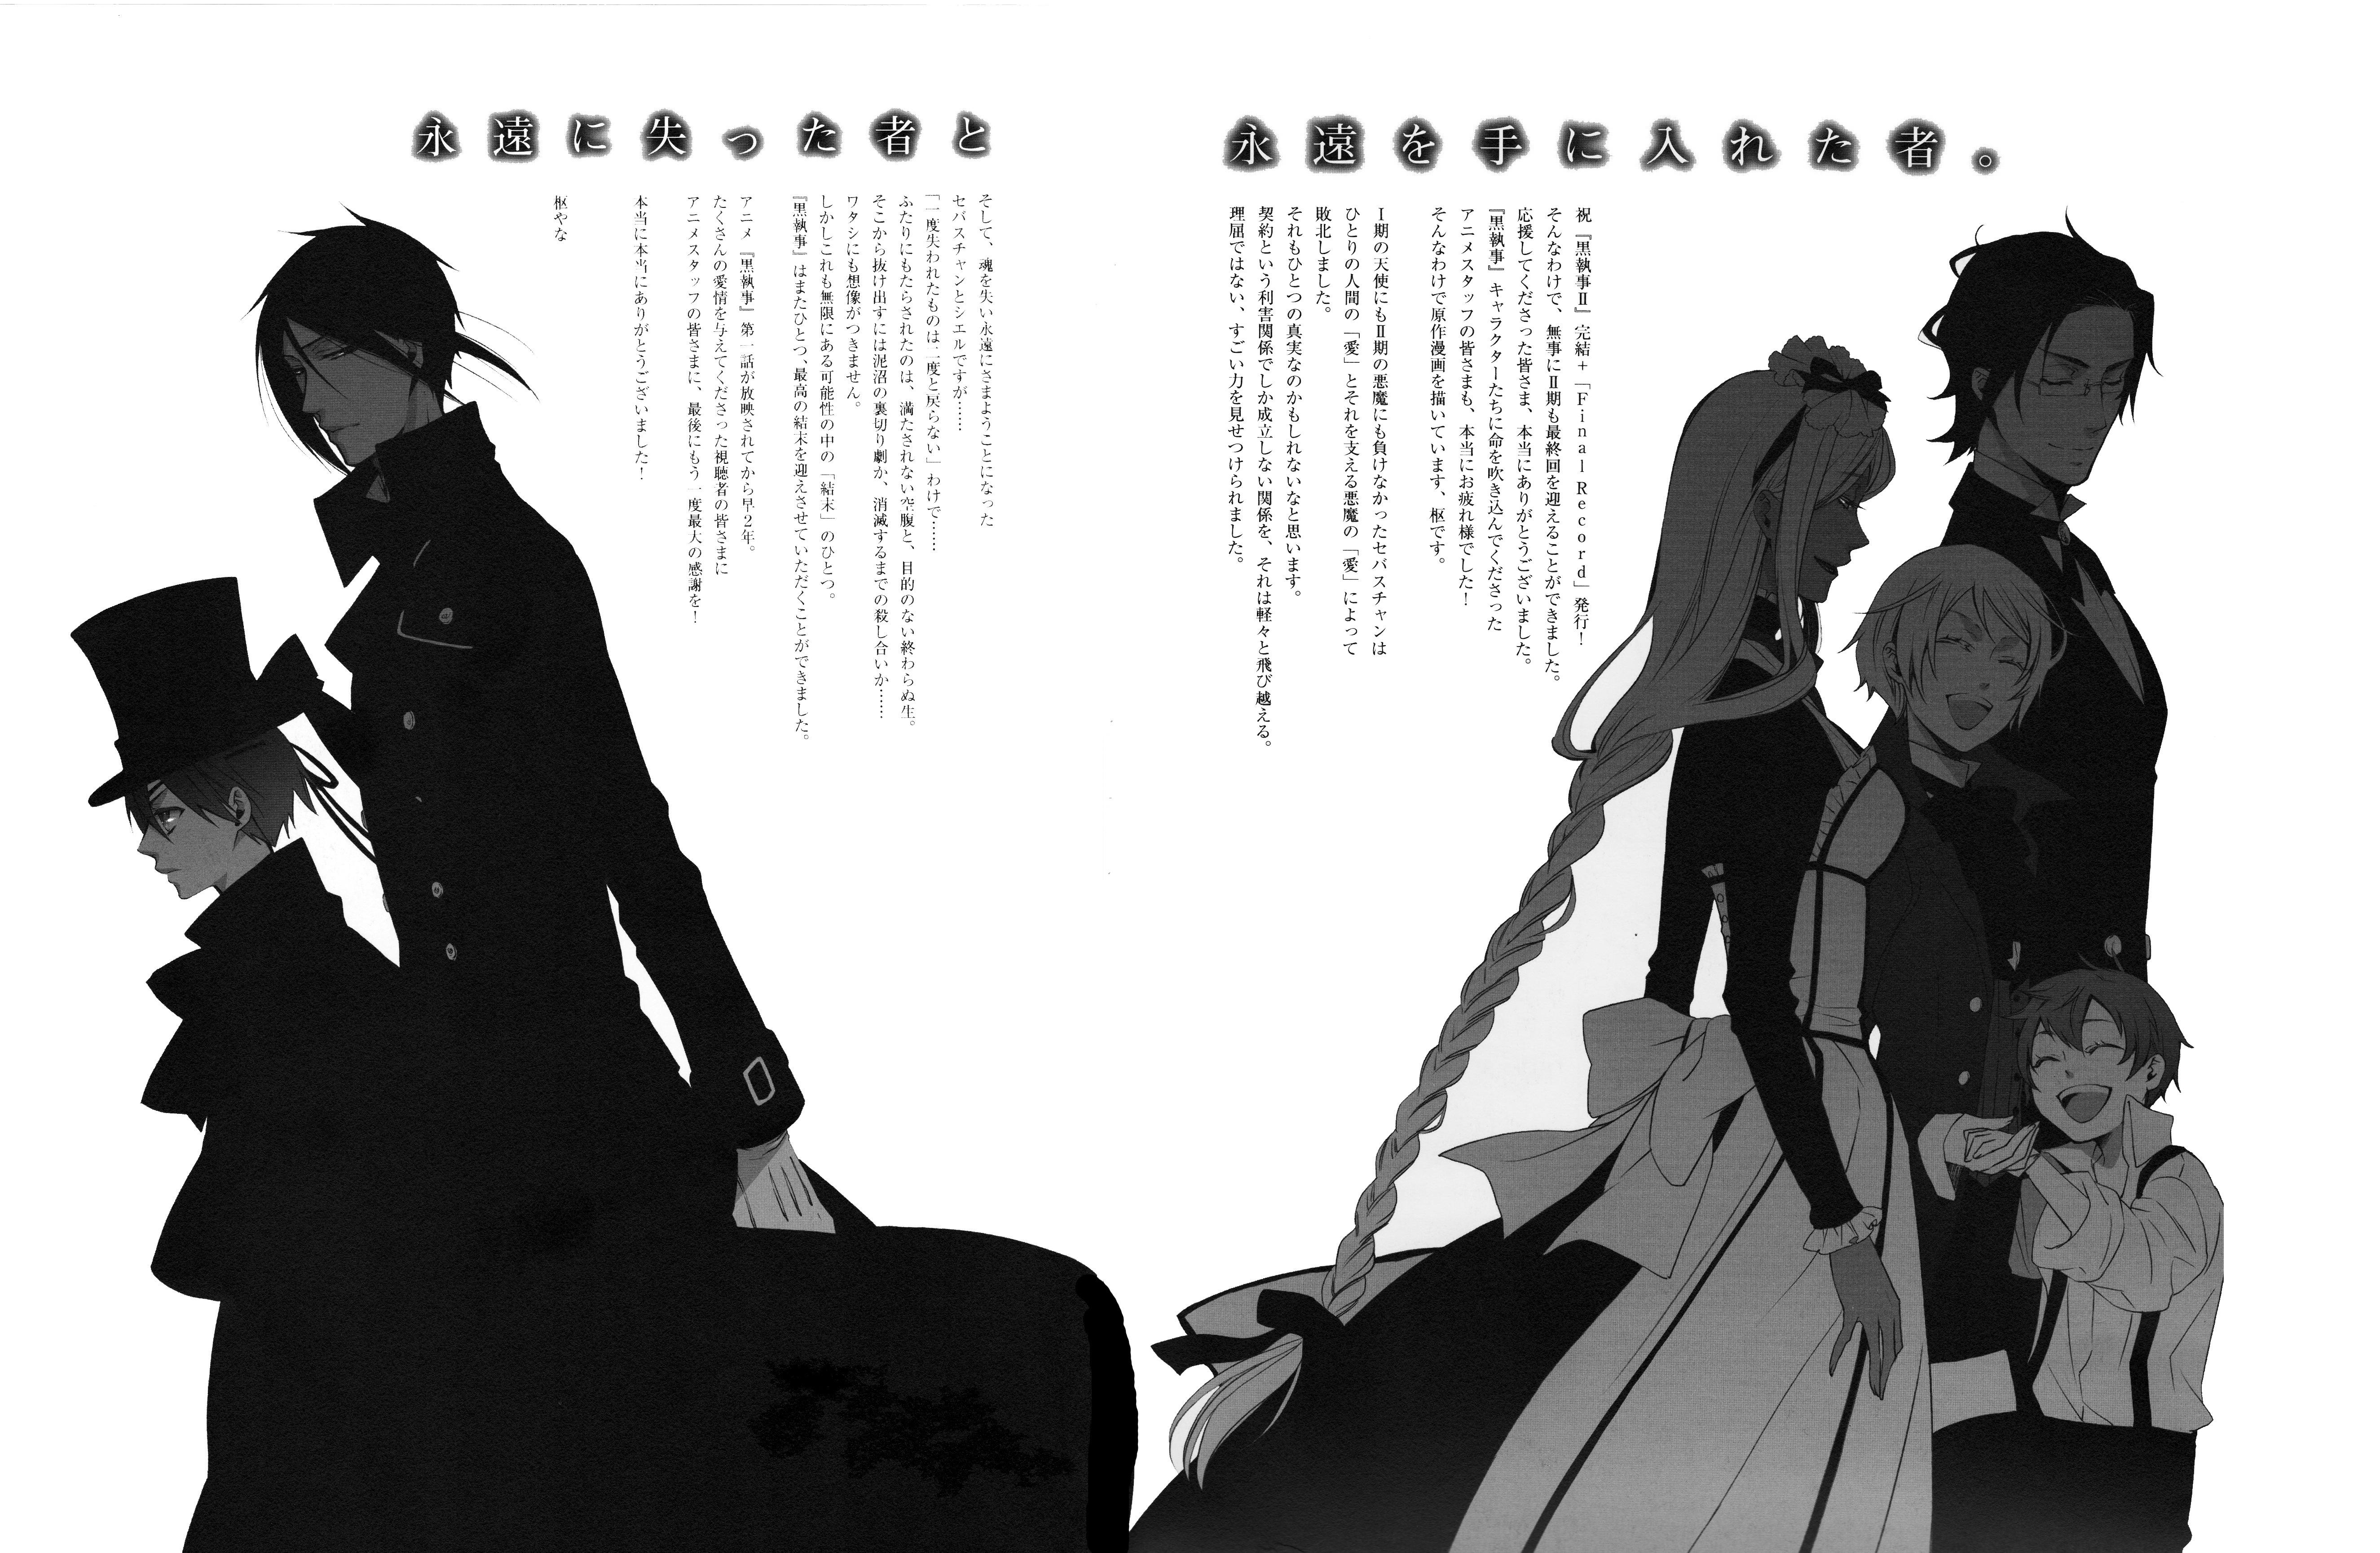 Kuroshitsuji II (Black Butler 2) Image #359476 - Zerochan Anime ...